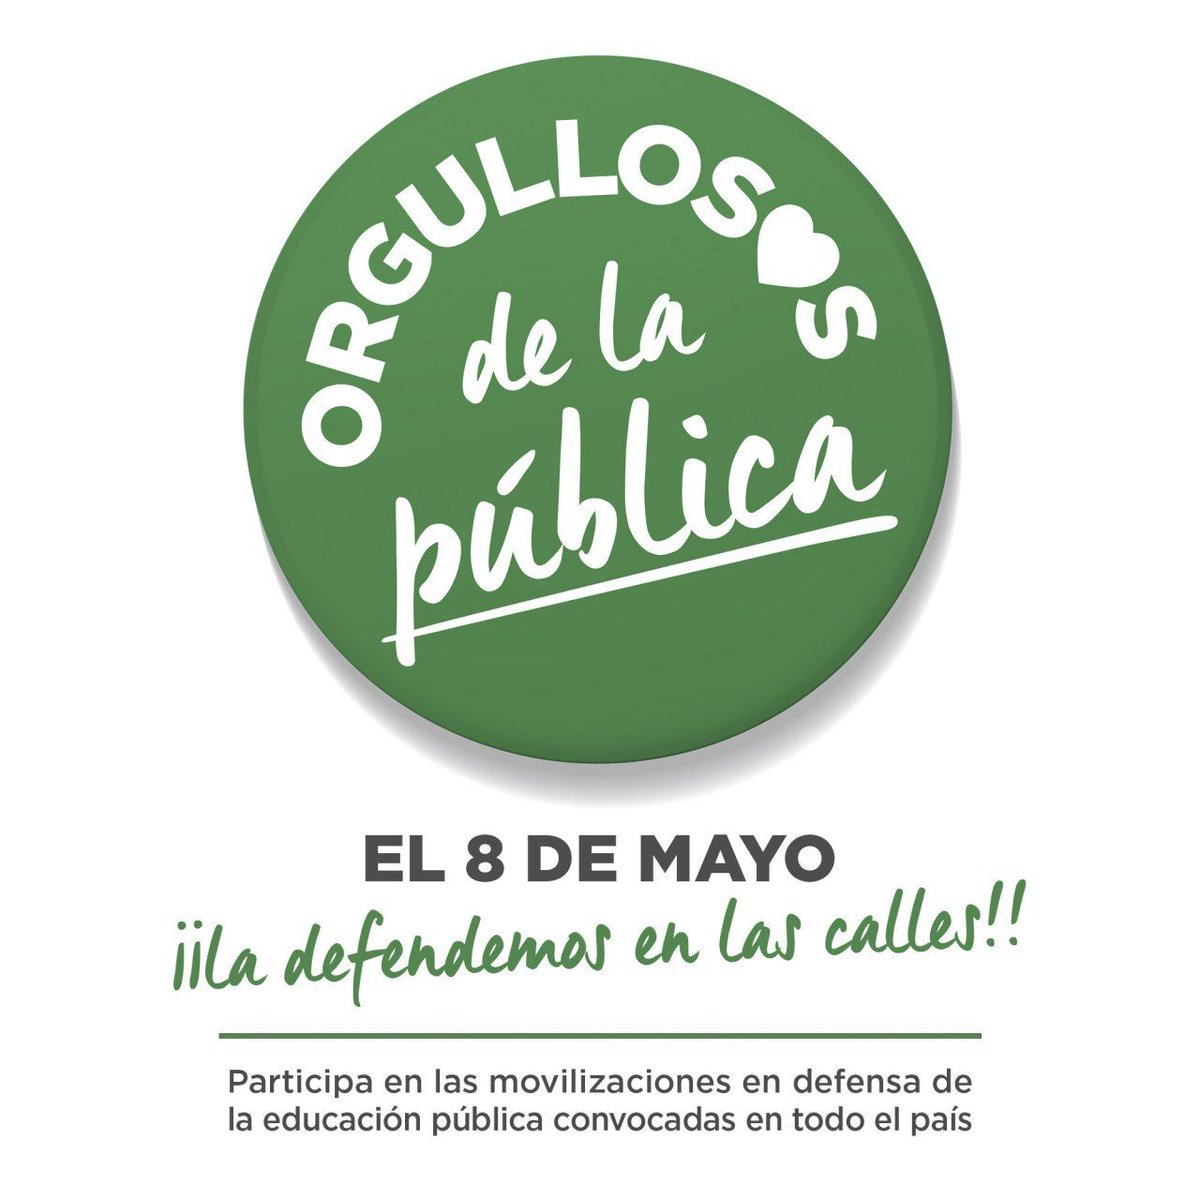 Participamos en las movilizaciones en defensa de la educación pública y contra el modelo segregador y excluyente